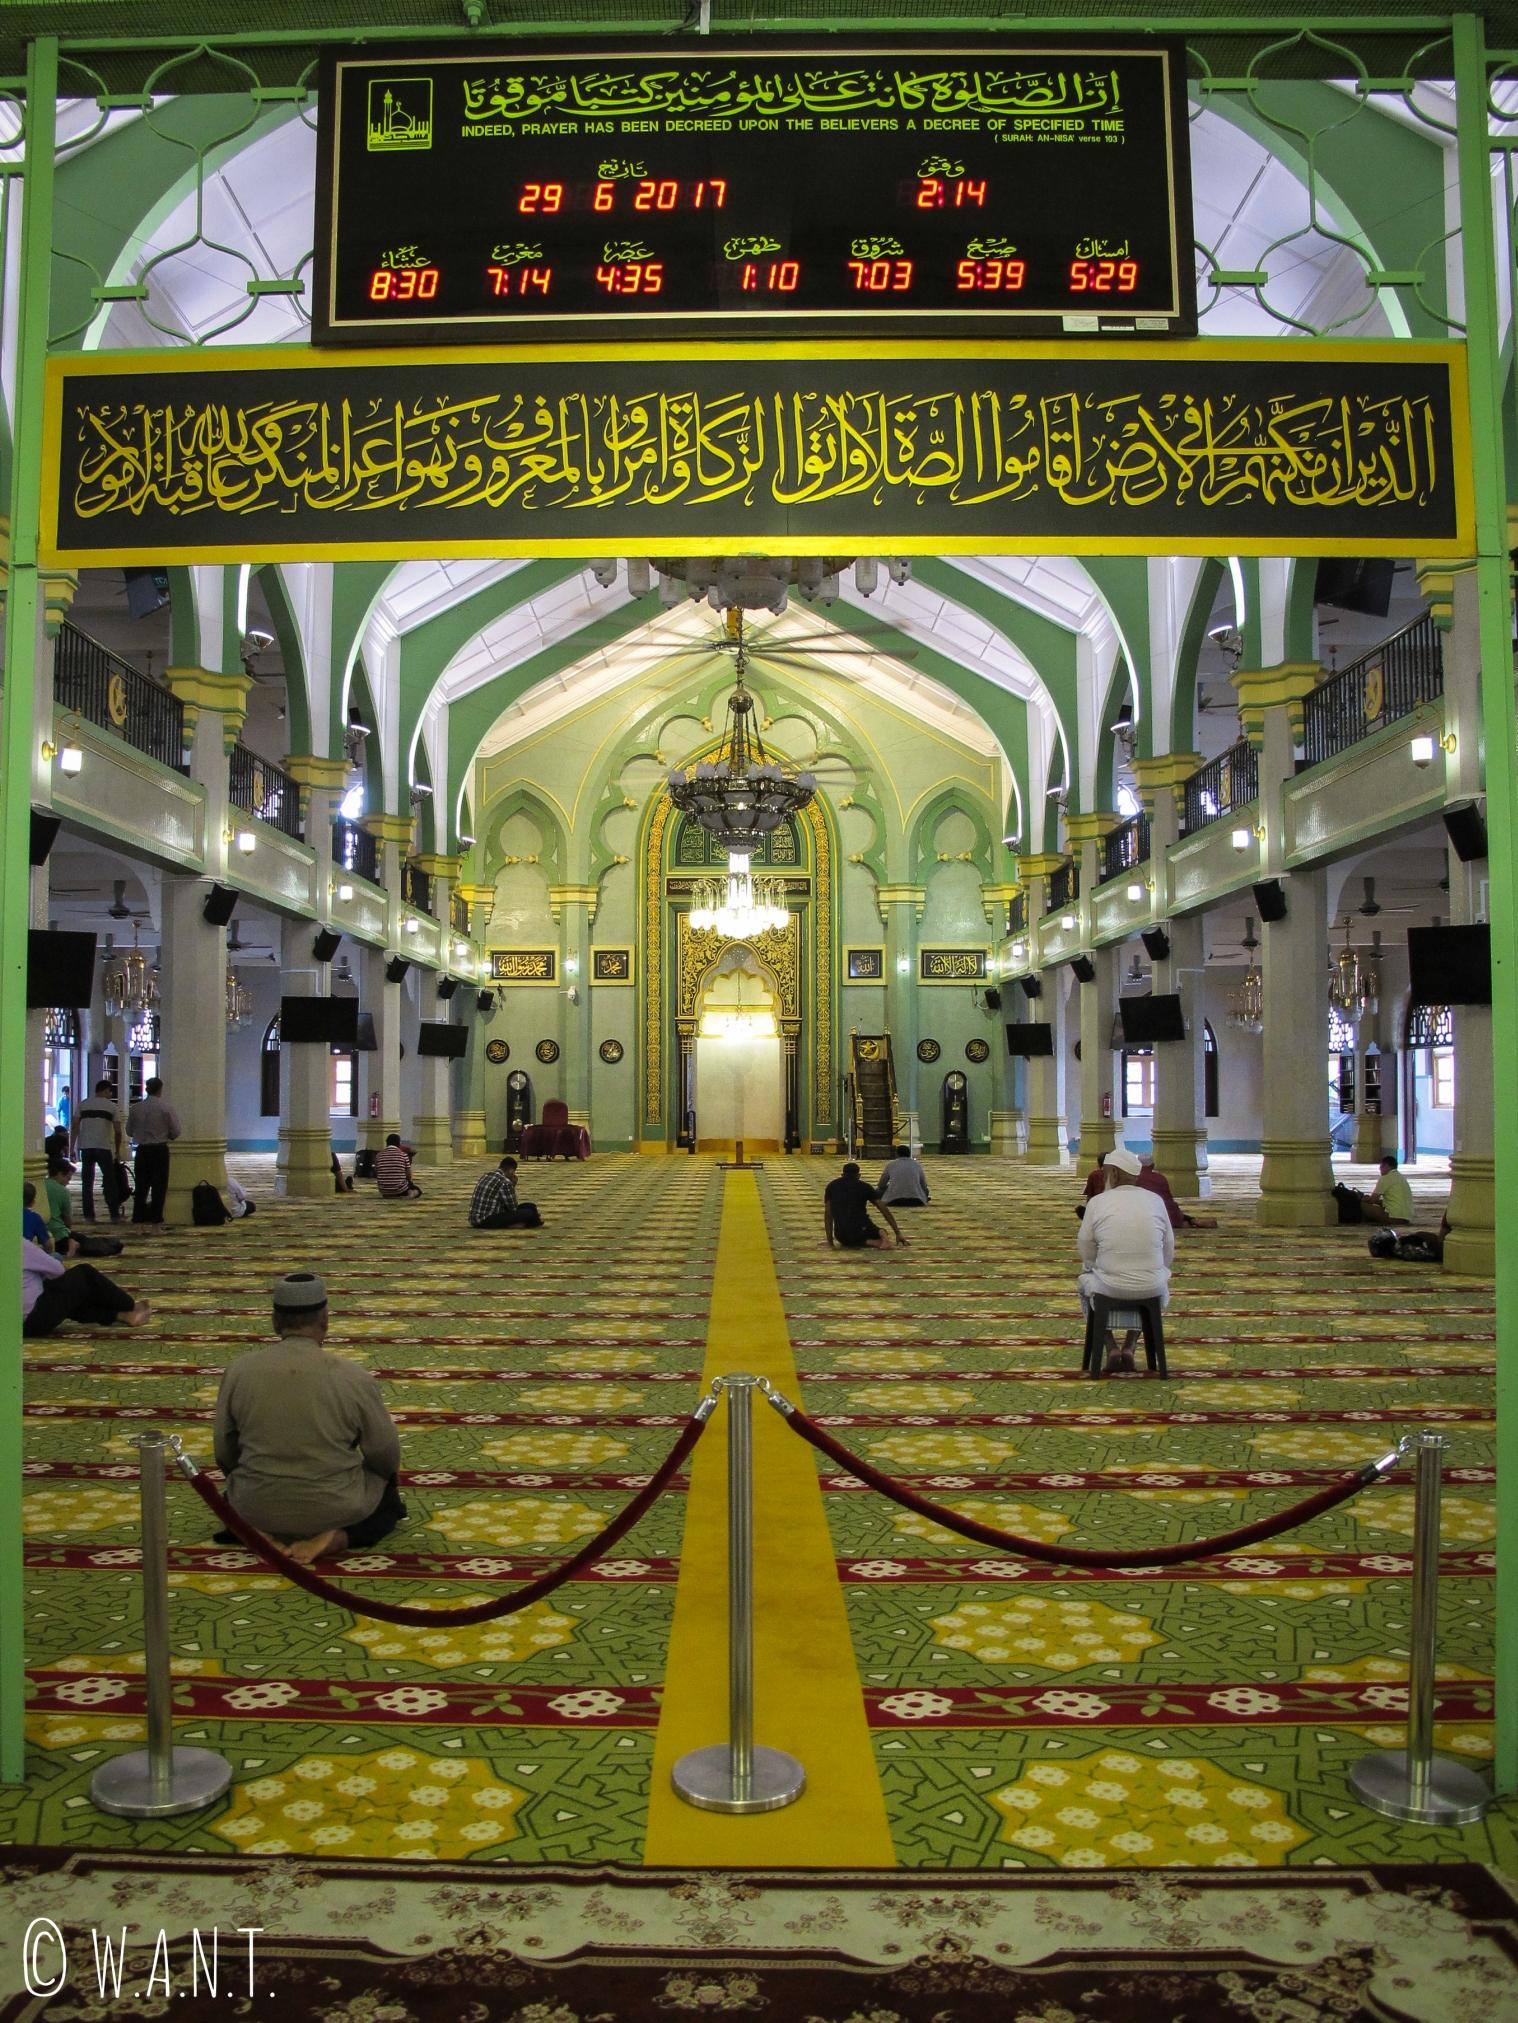 Salle de prière de la mosquée Masjid Sultan de Singapour